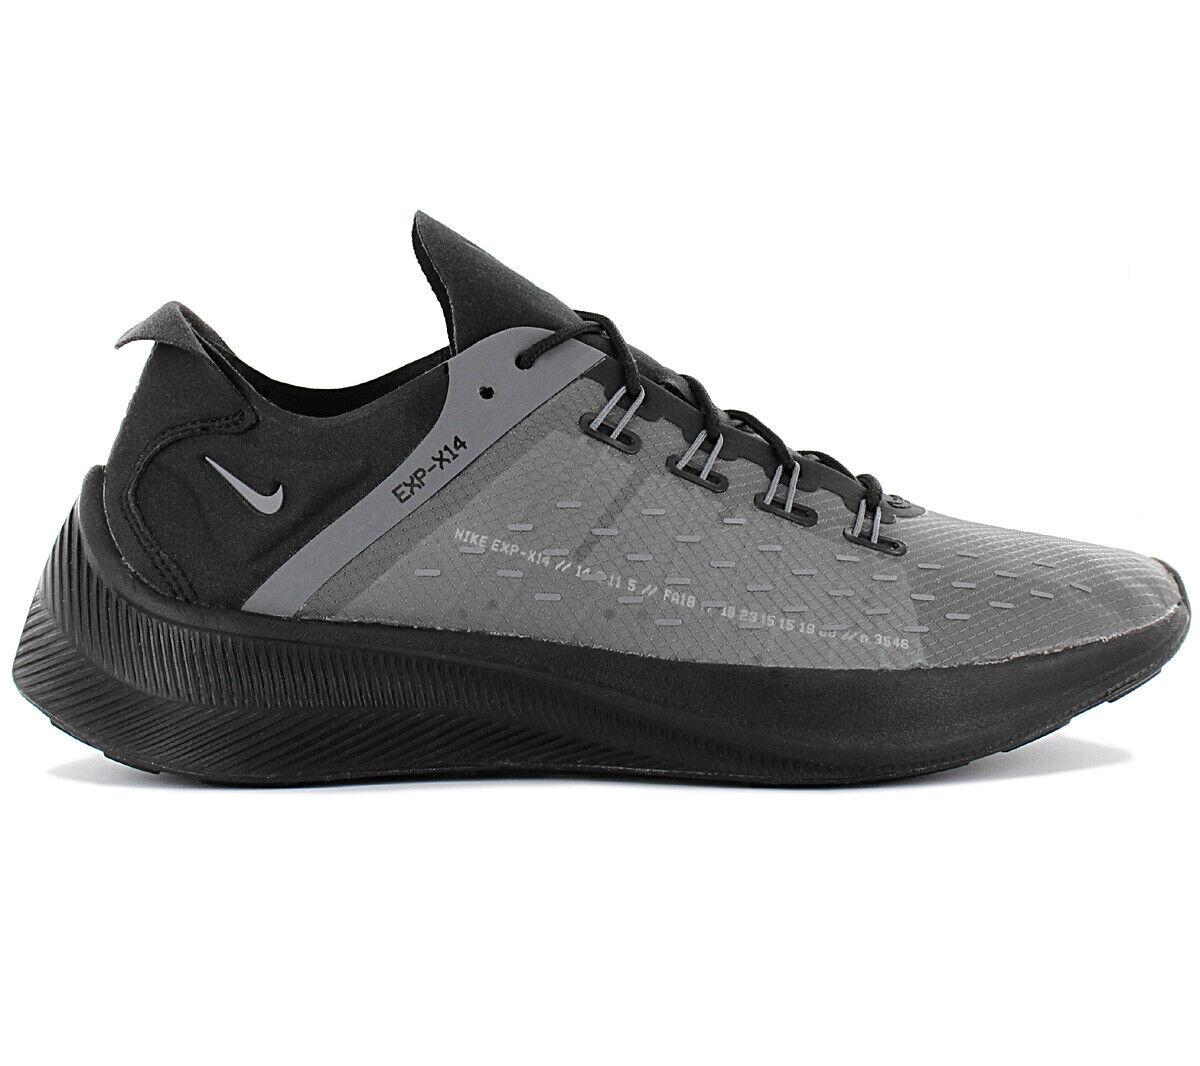 Nike EXP-X14 Herren Turnschuhe Schuhe AO1554-004 Grau Turnschuhe Sportschuhe NEU